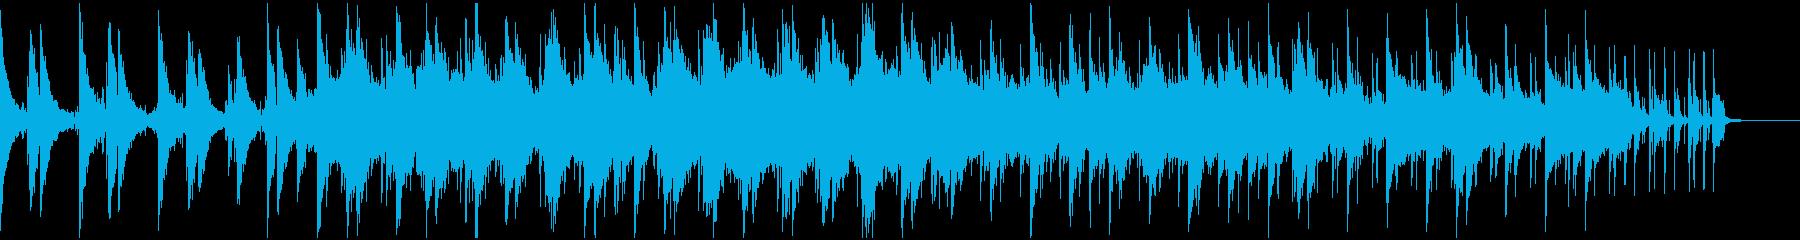 少し物悲しいローファイヒップホップの再生済みの波形